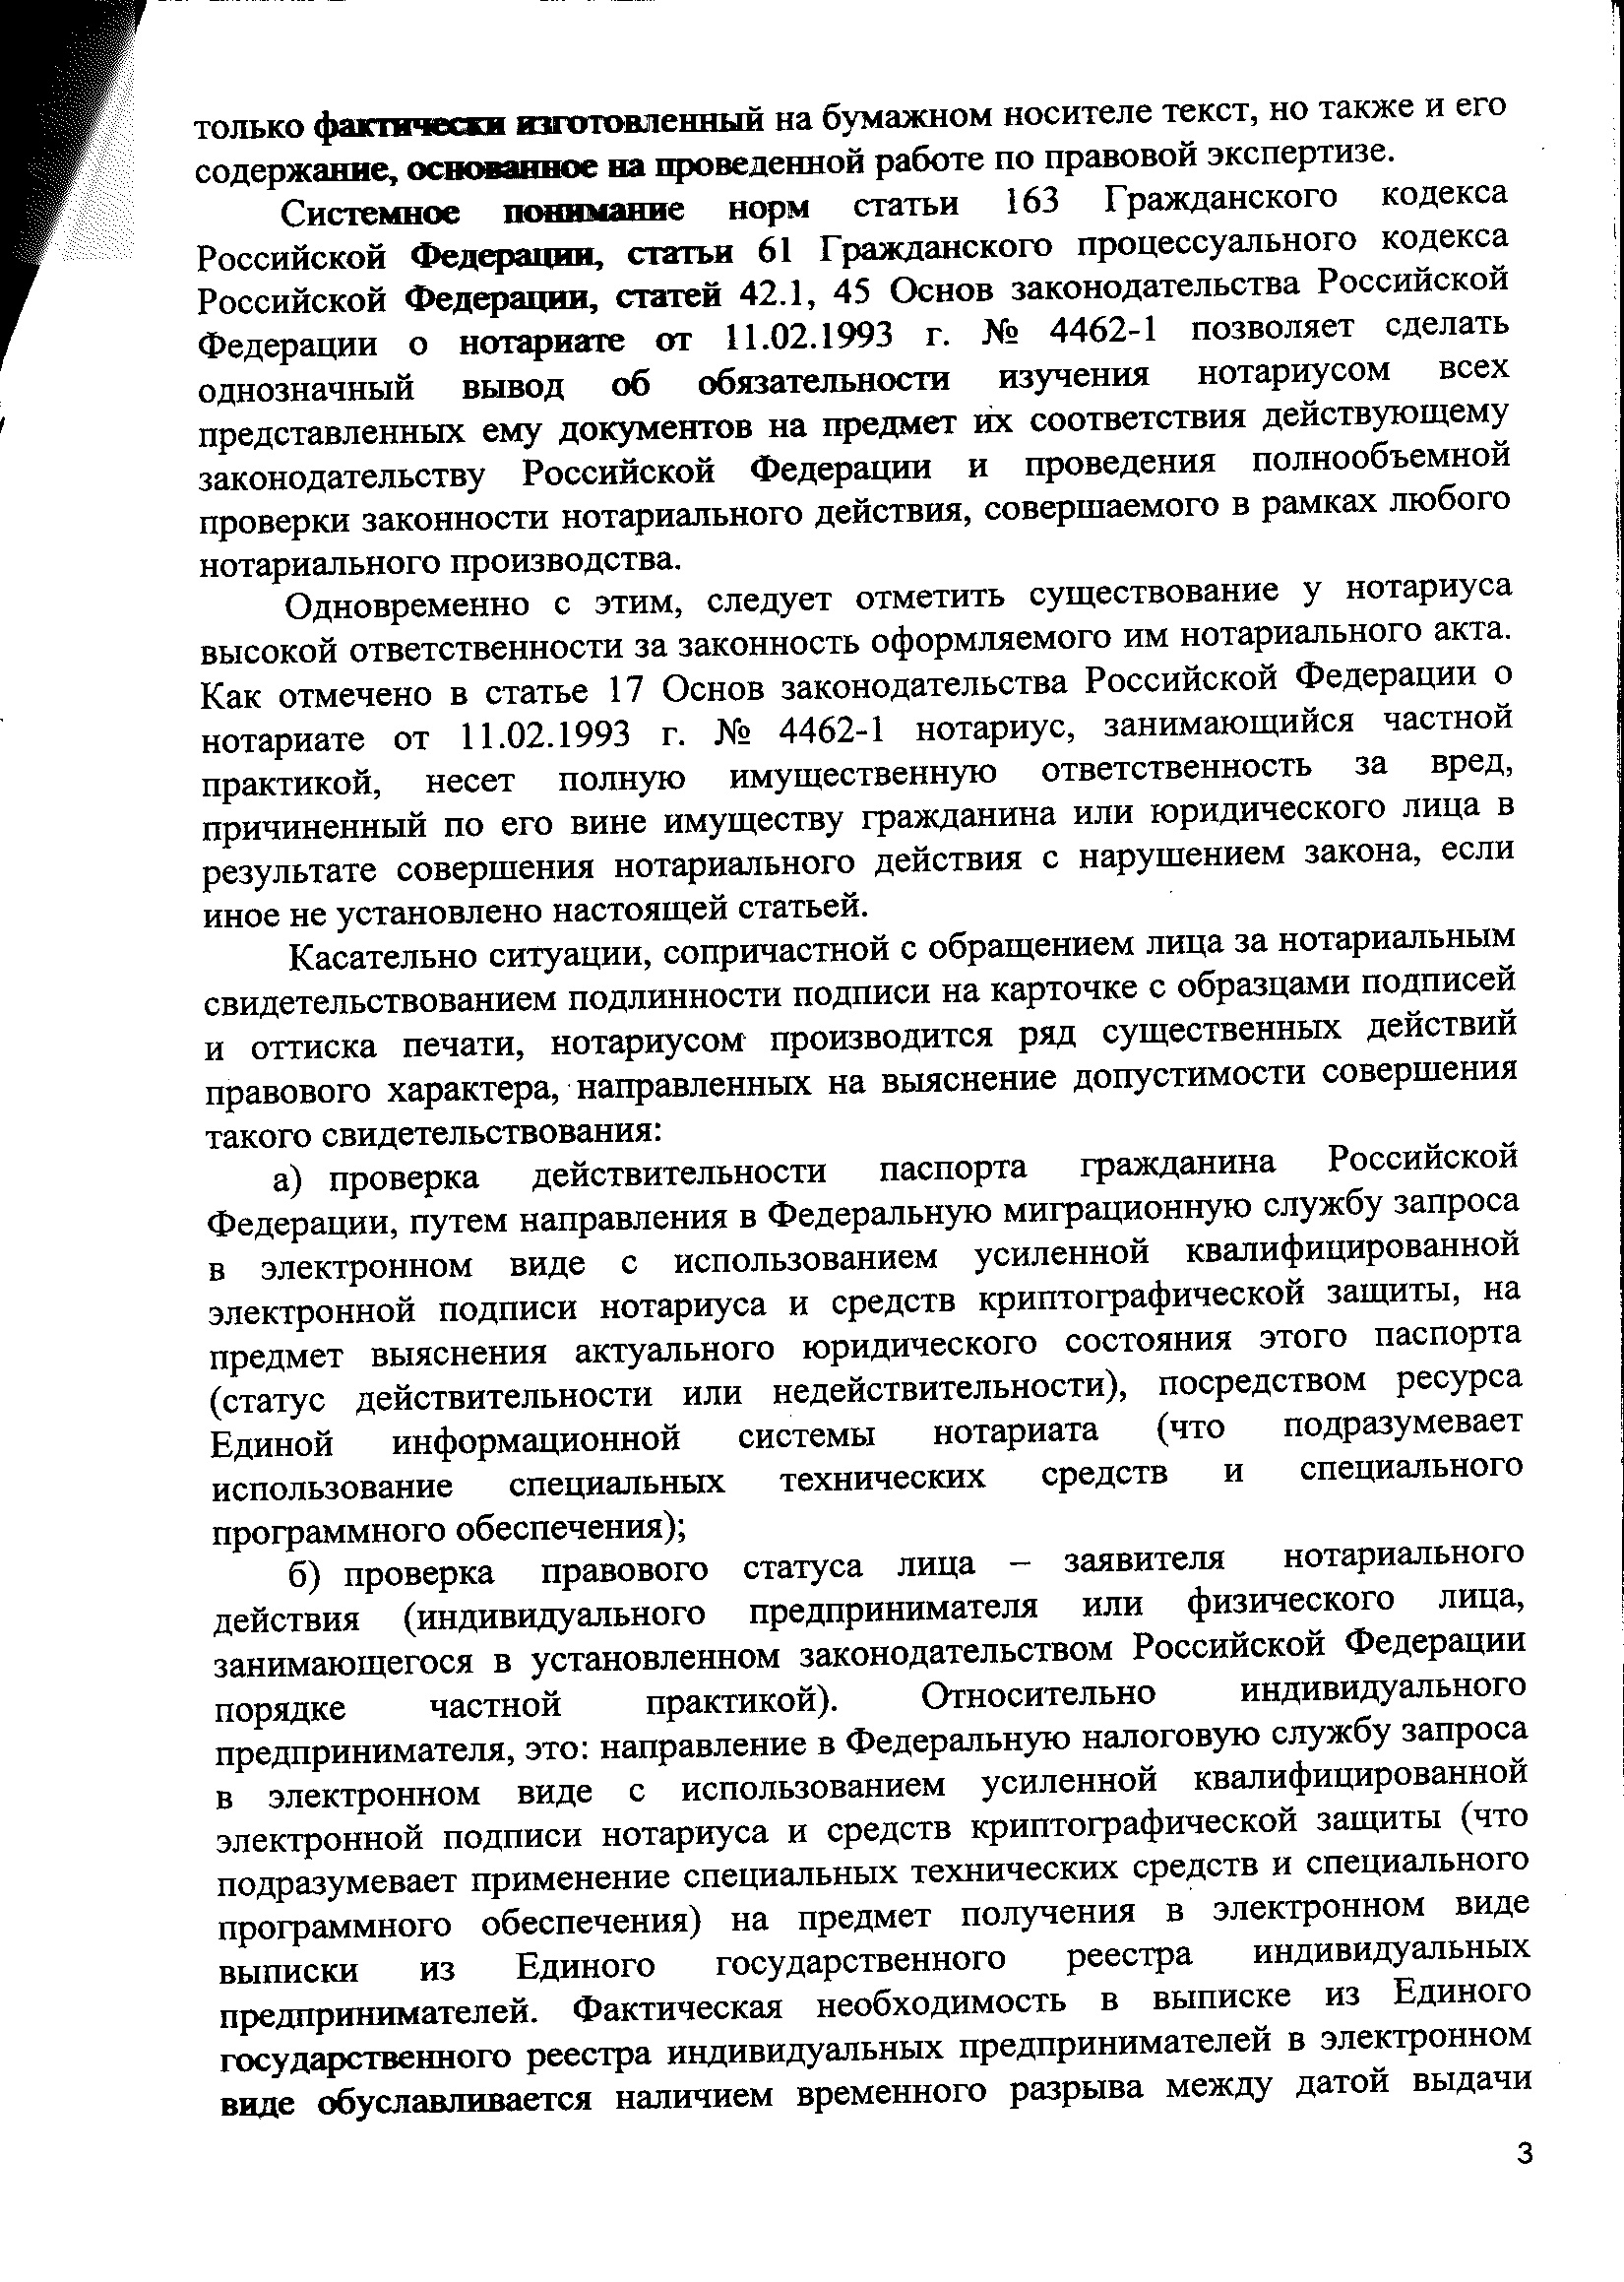 Ответ ННП стр.3